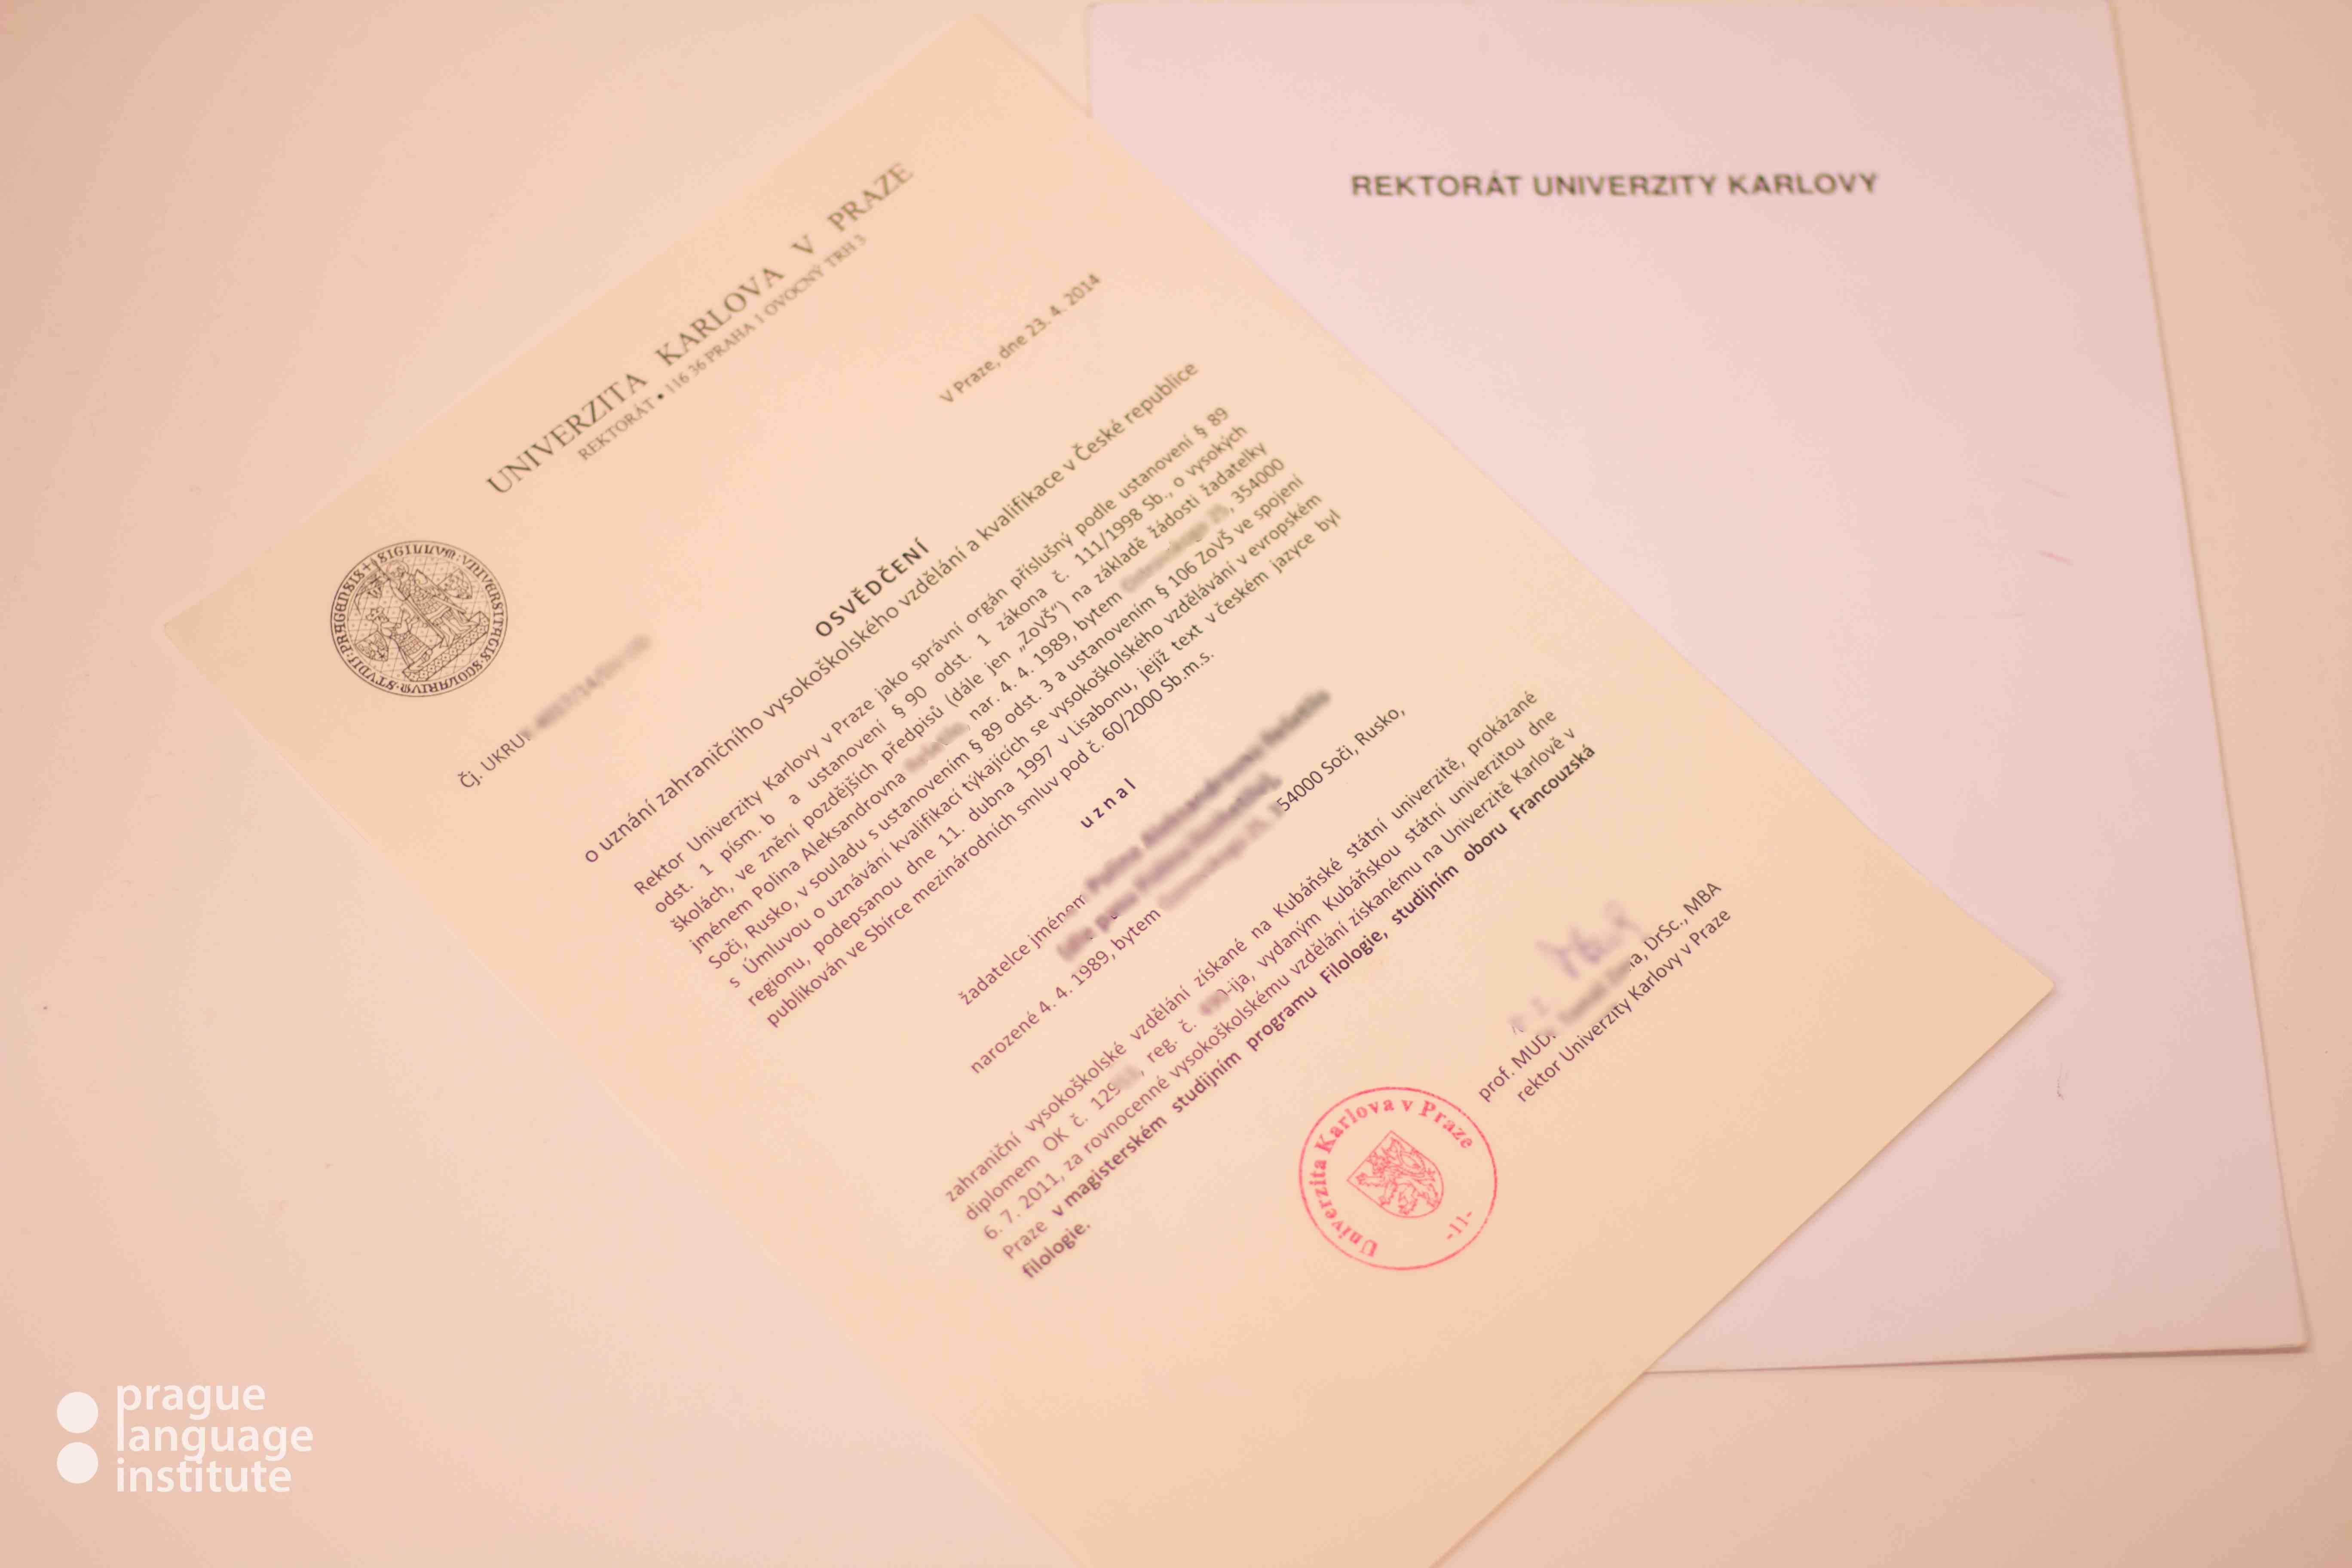 Нострифицировать диплом в Чехии - пошаговая инструкция